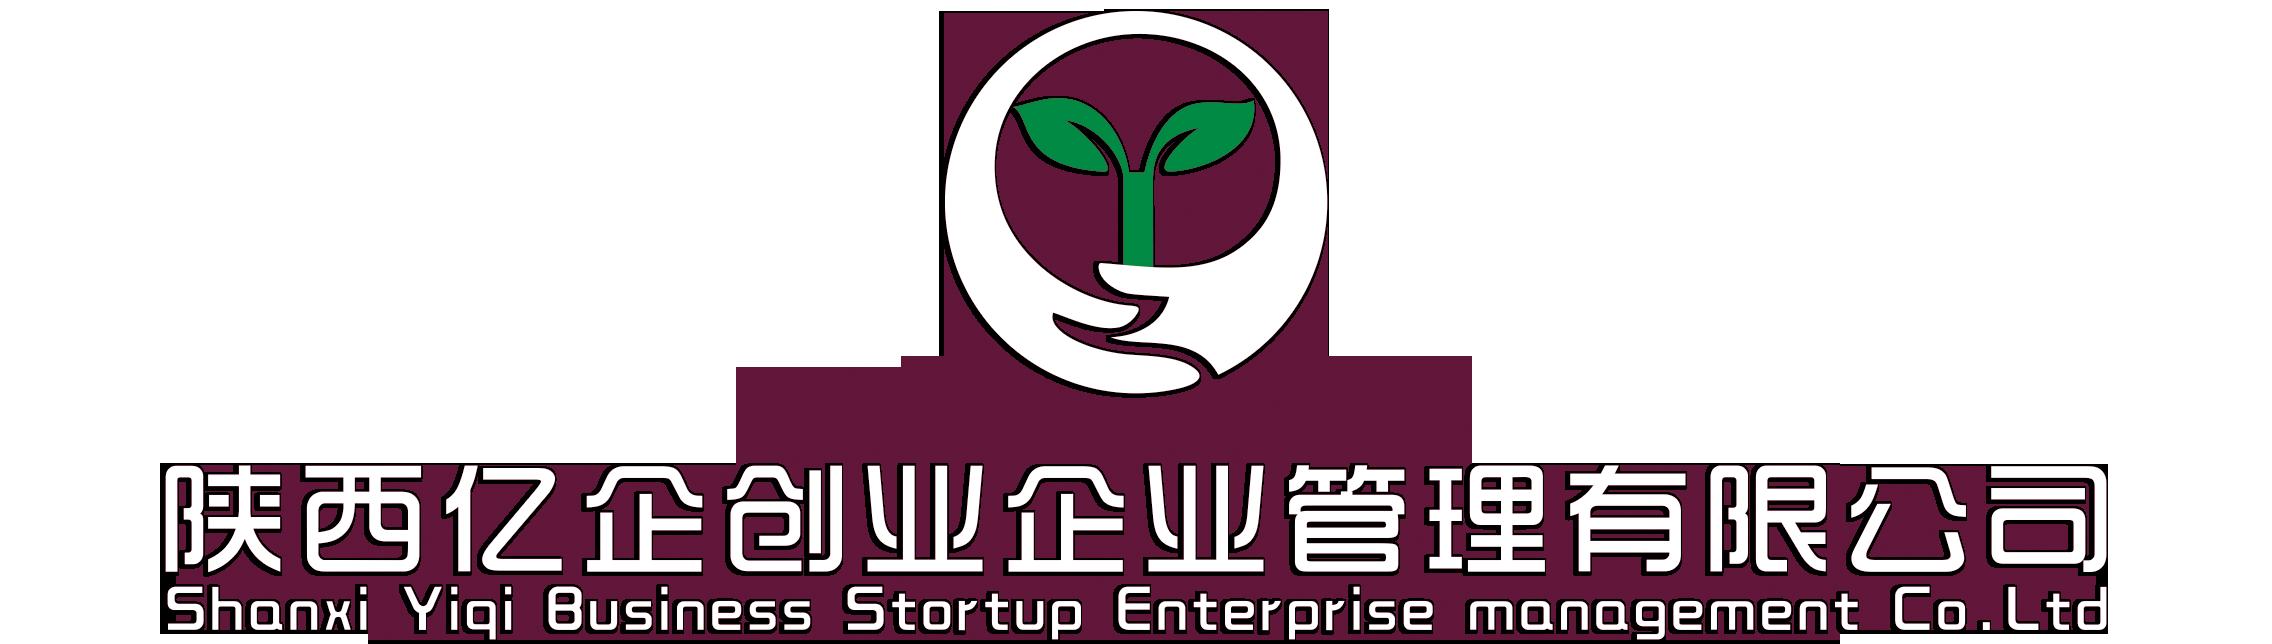 陕西亿企创业企业管理有限公司